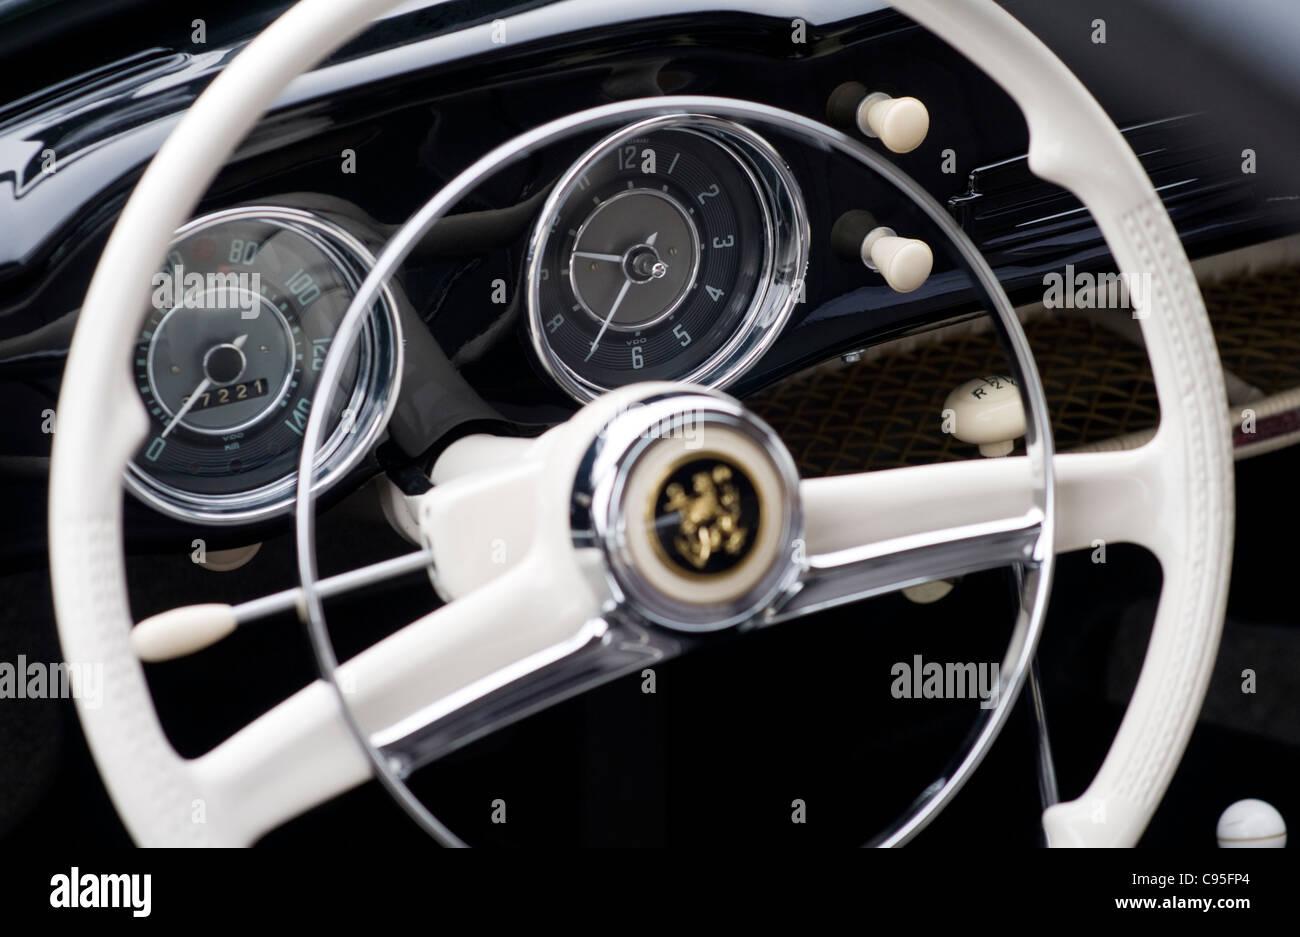 Detalles Interiores Y El Volante De Un Negro 1950 Vw Karmann Ghia Volkswagen Coche Clsico